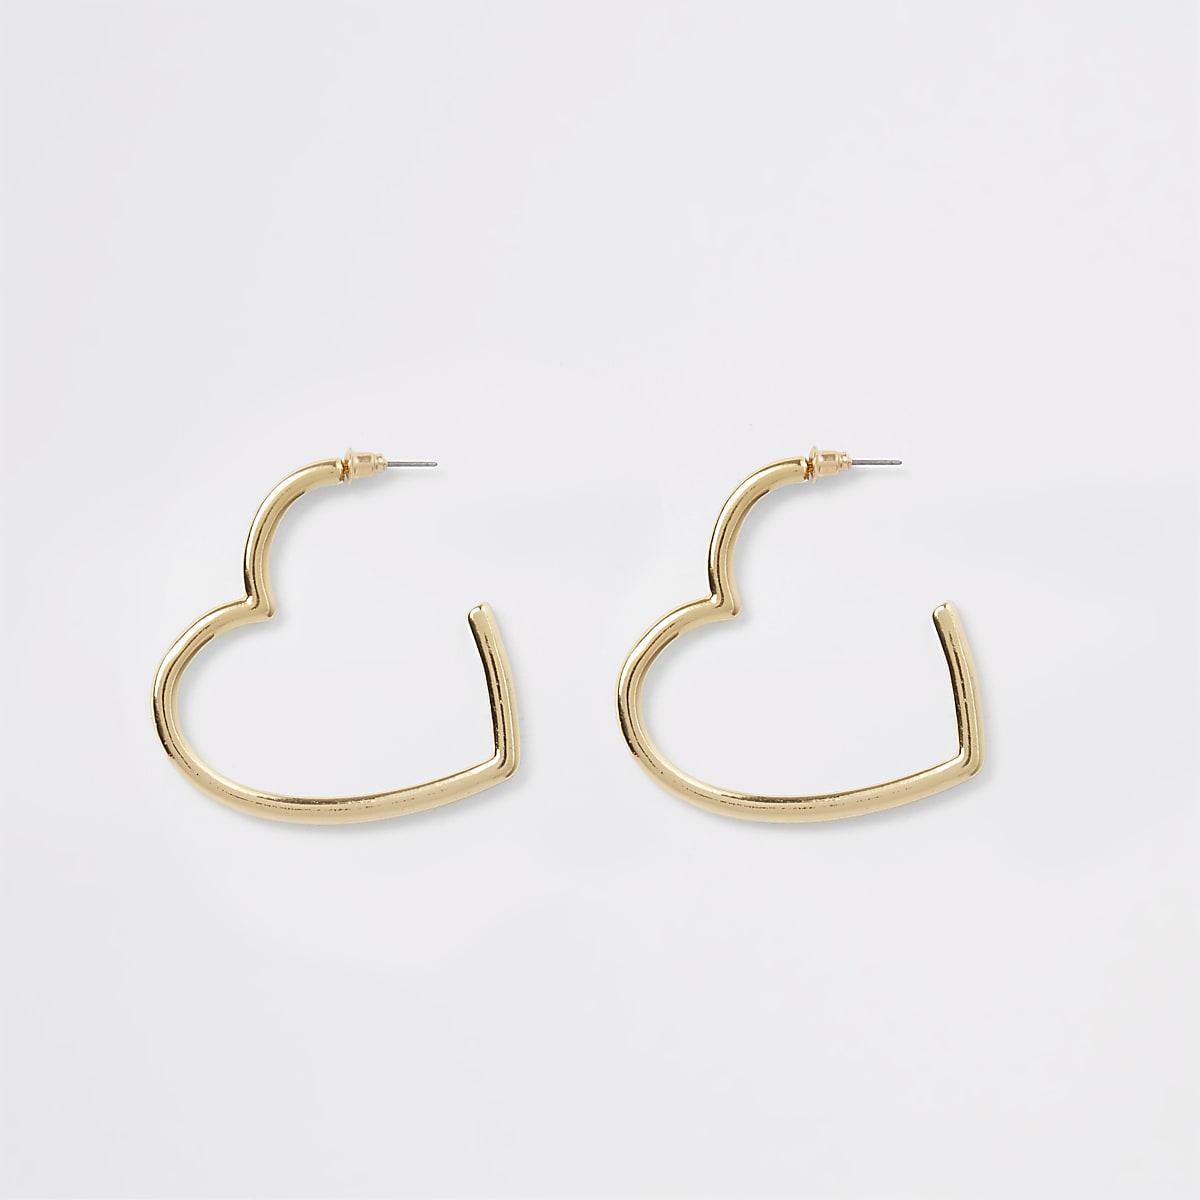 Gold colour heart shape hoop earrings